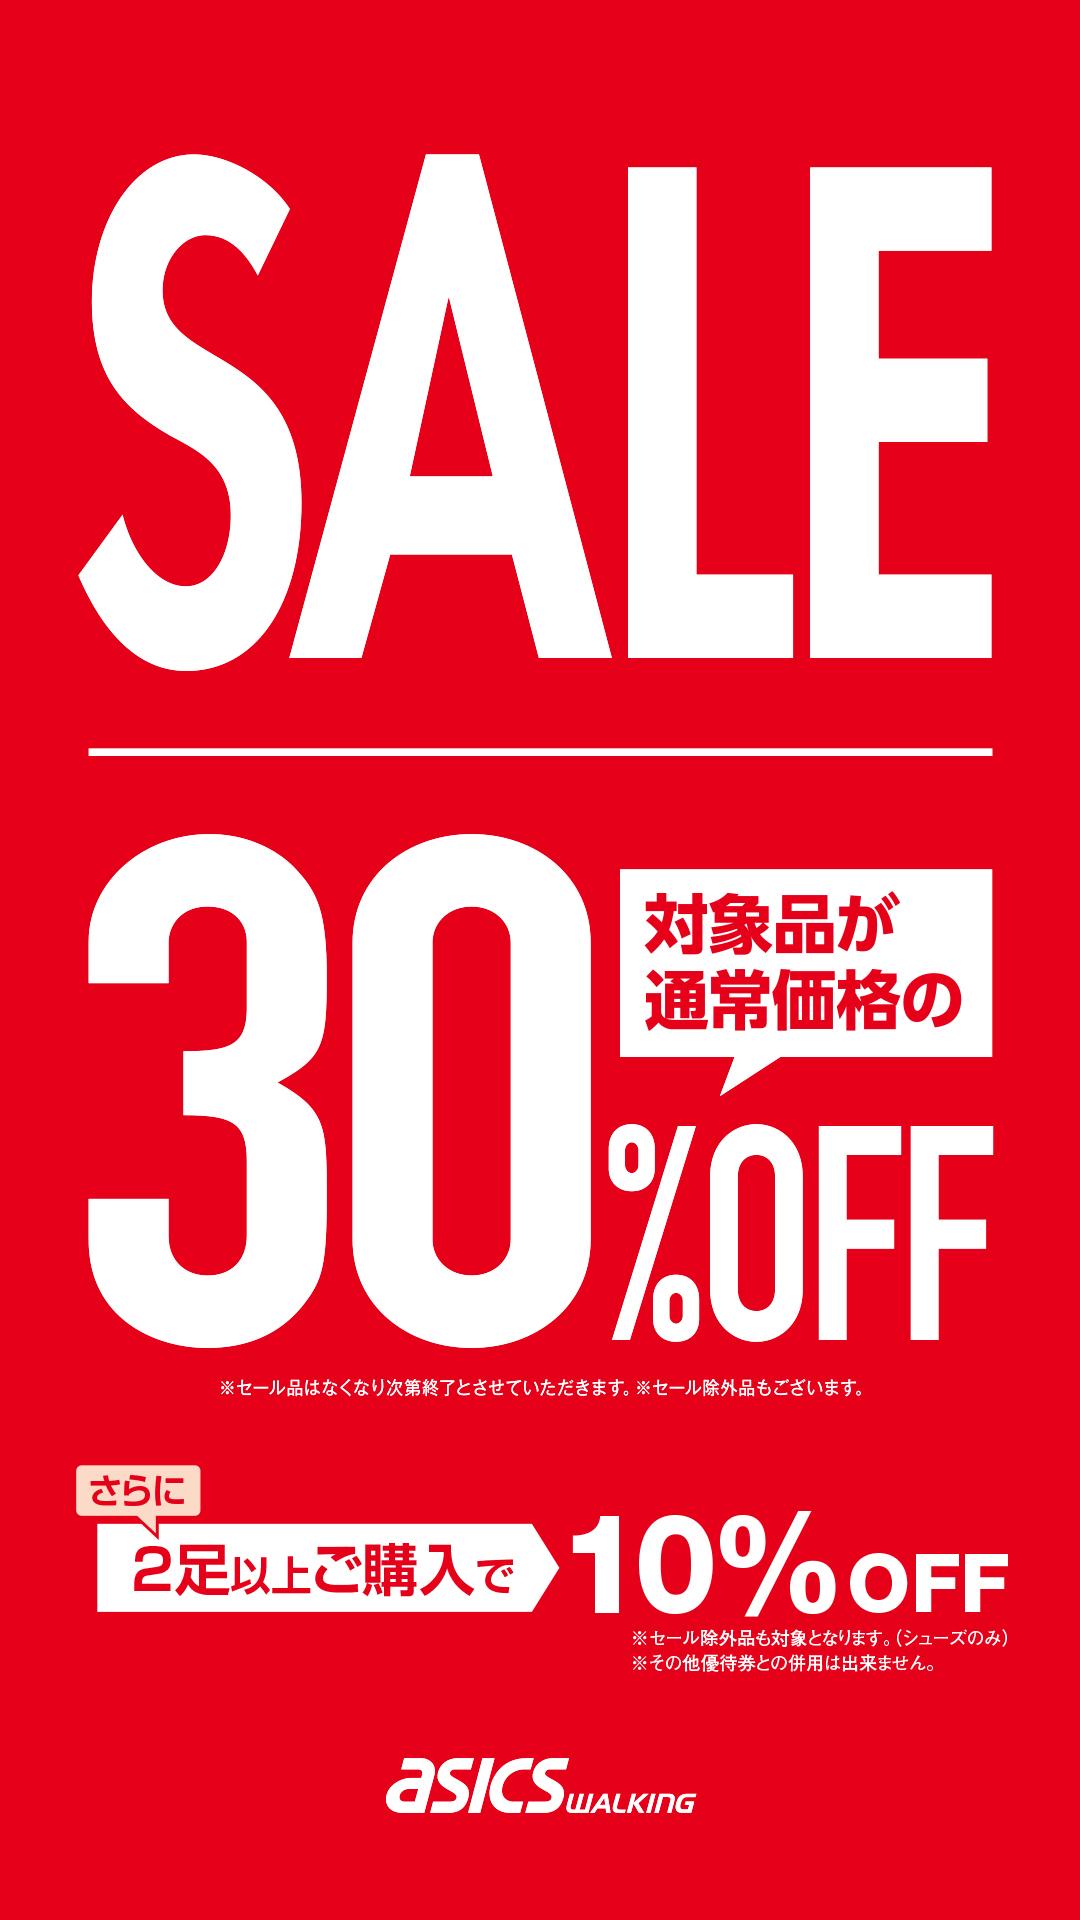 ☆30%OFF SALE☆